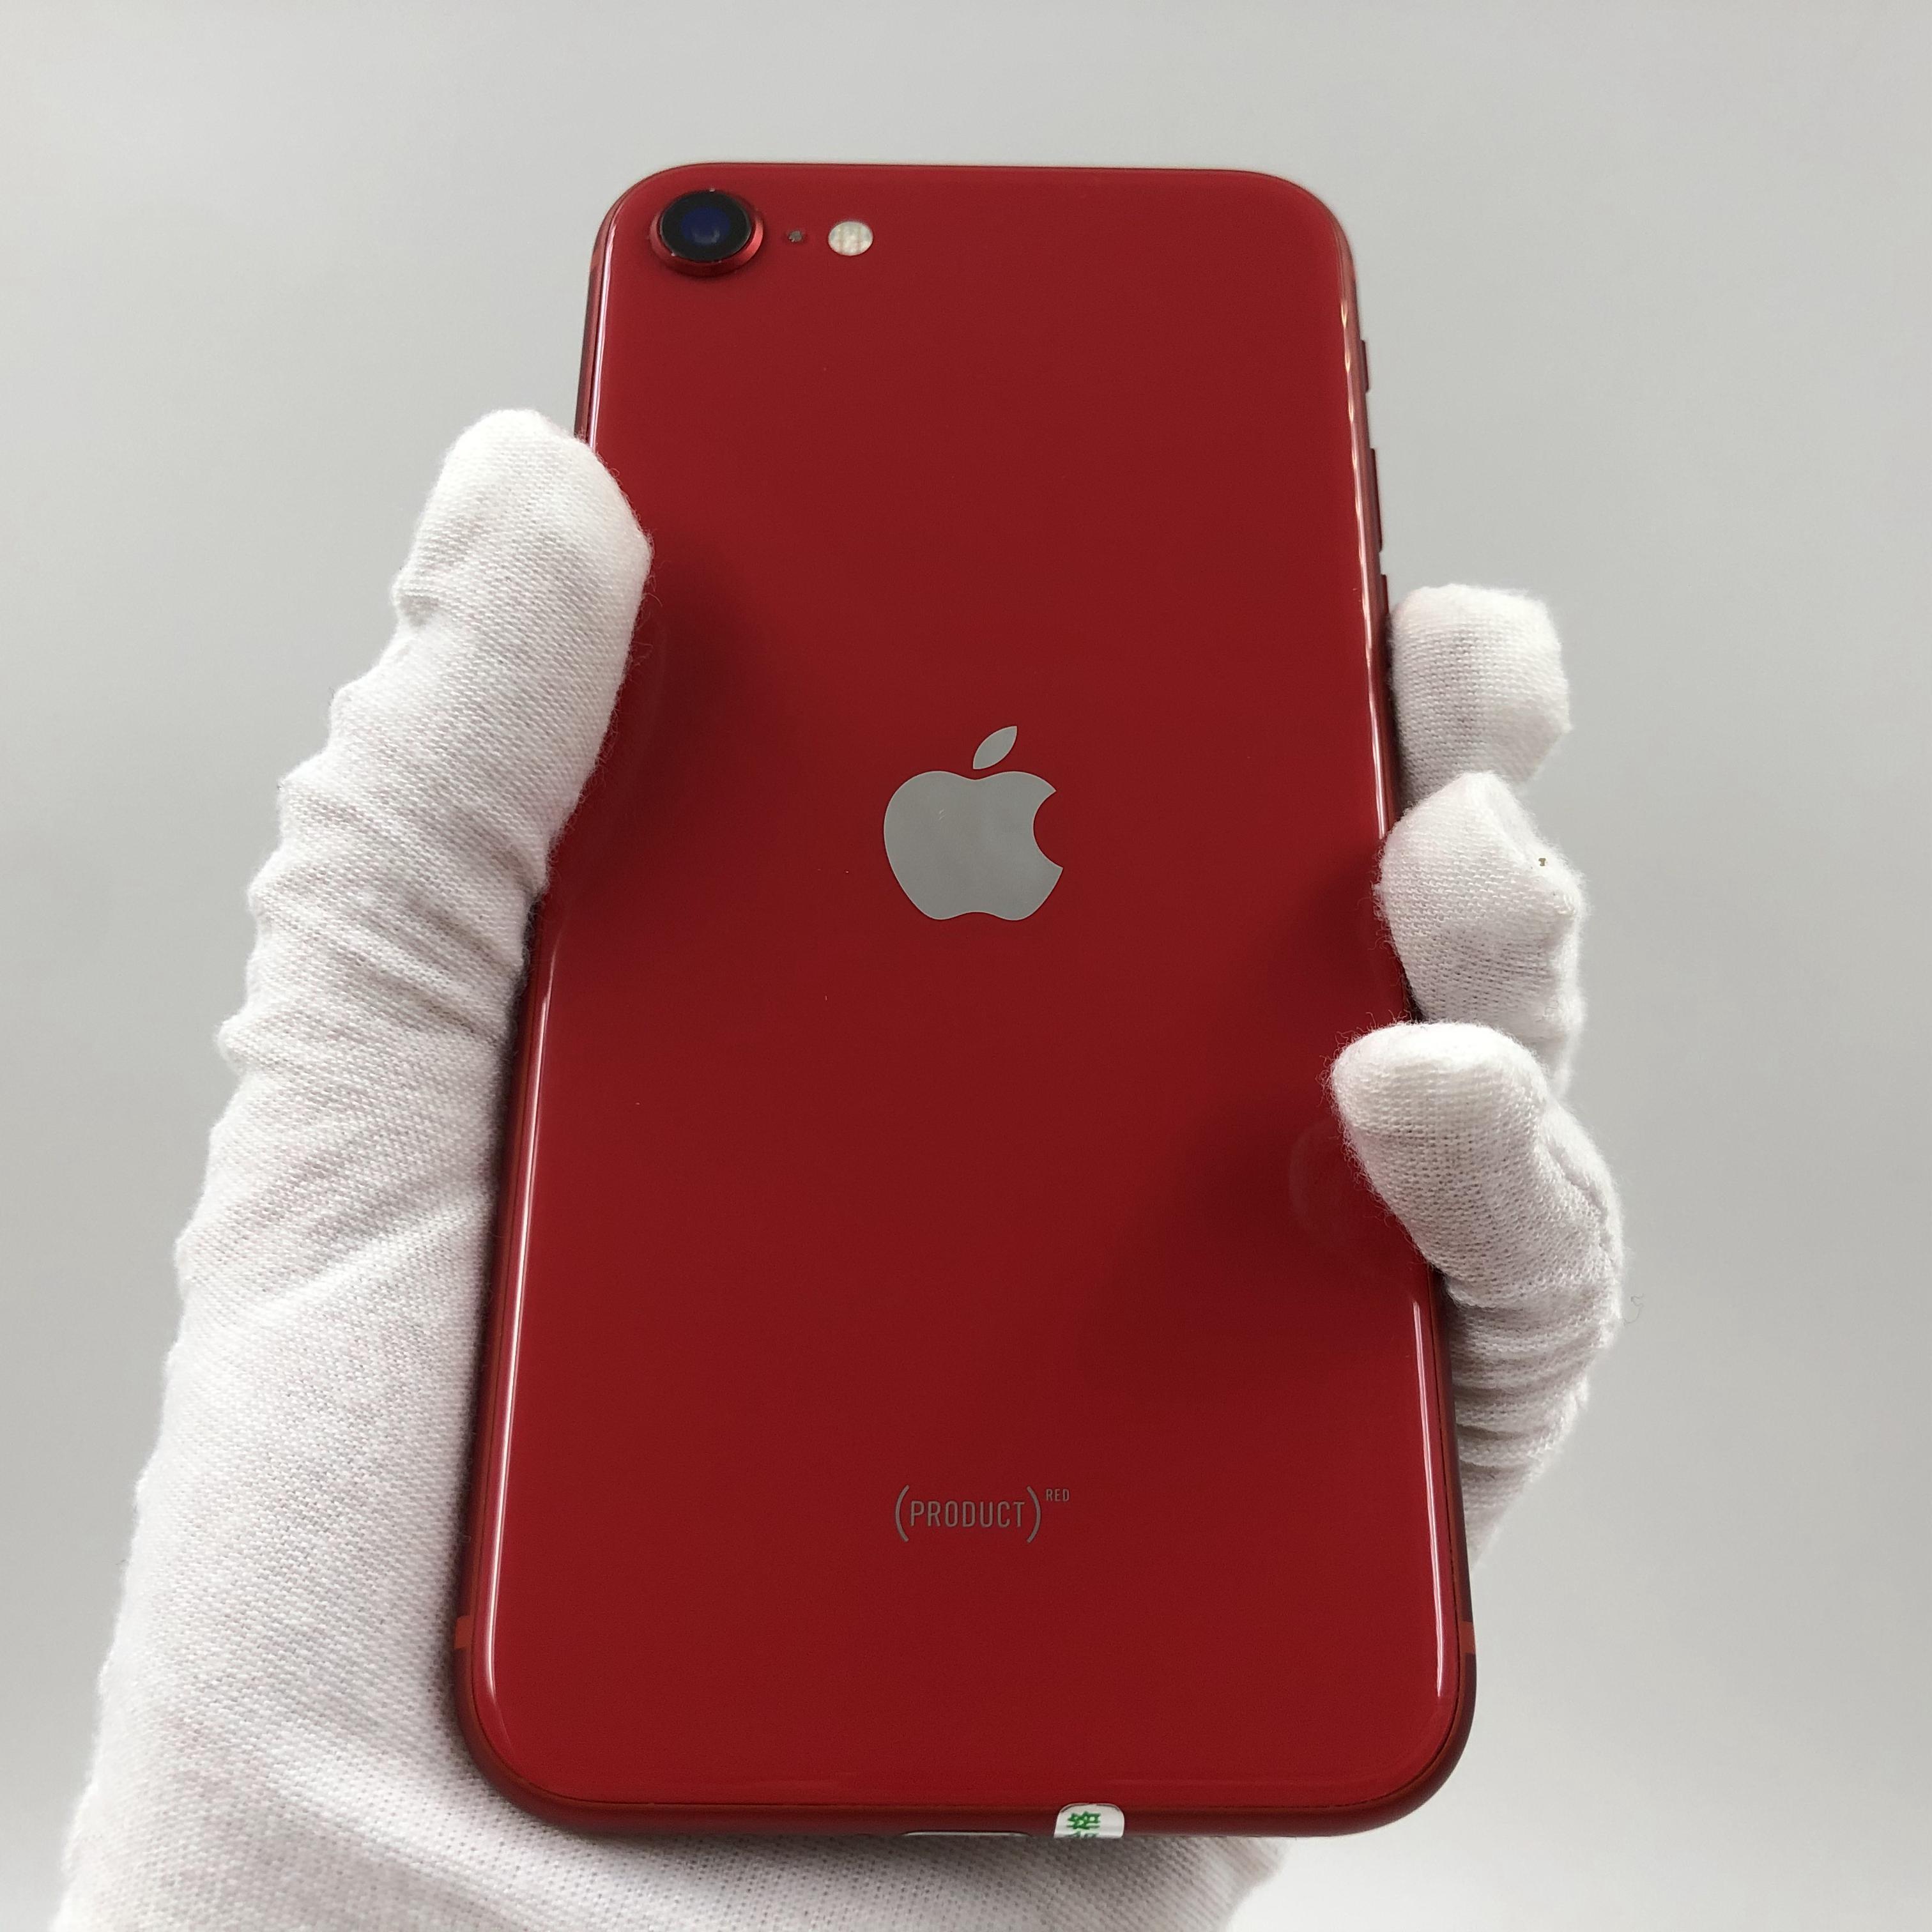 苹果【iPhone SE2】4G全网通 红色 64G 国行 8成新 真机实拍官保2021-05-24